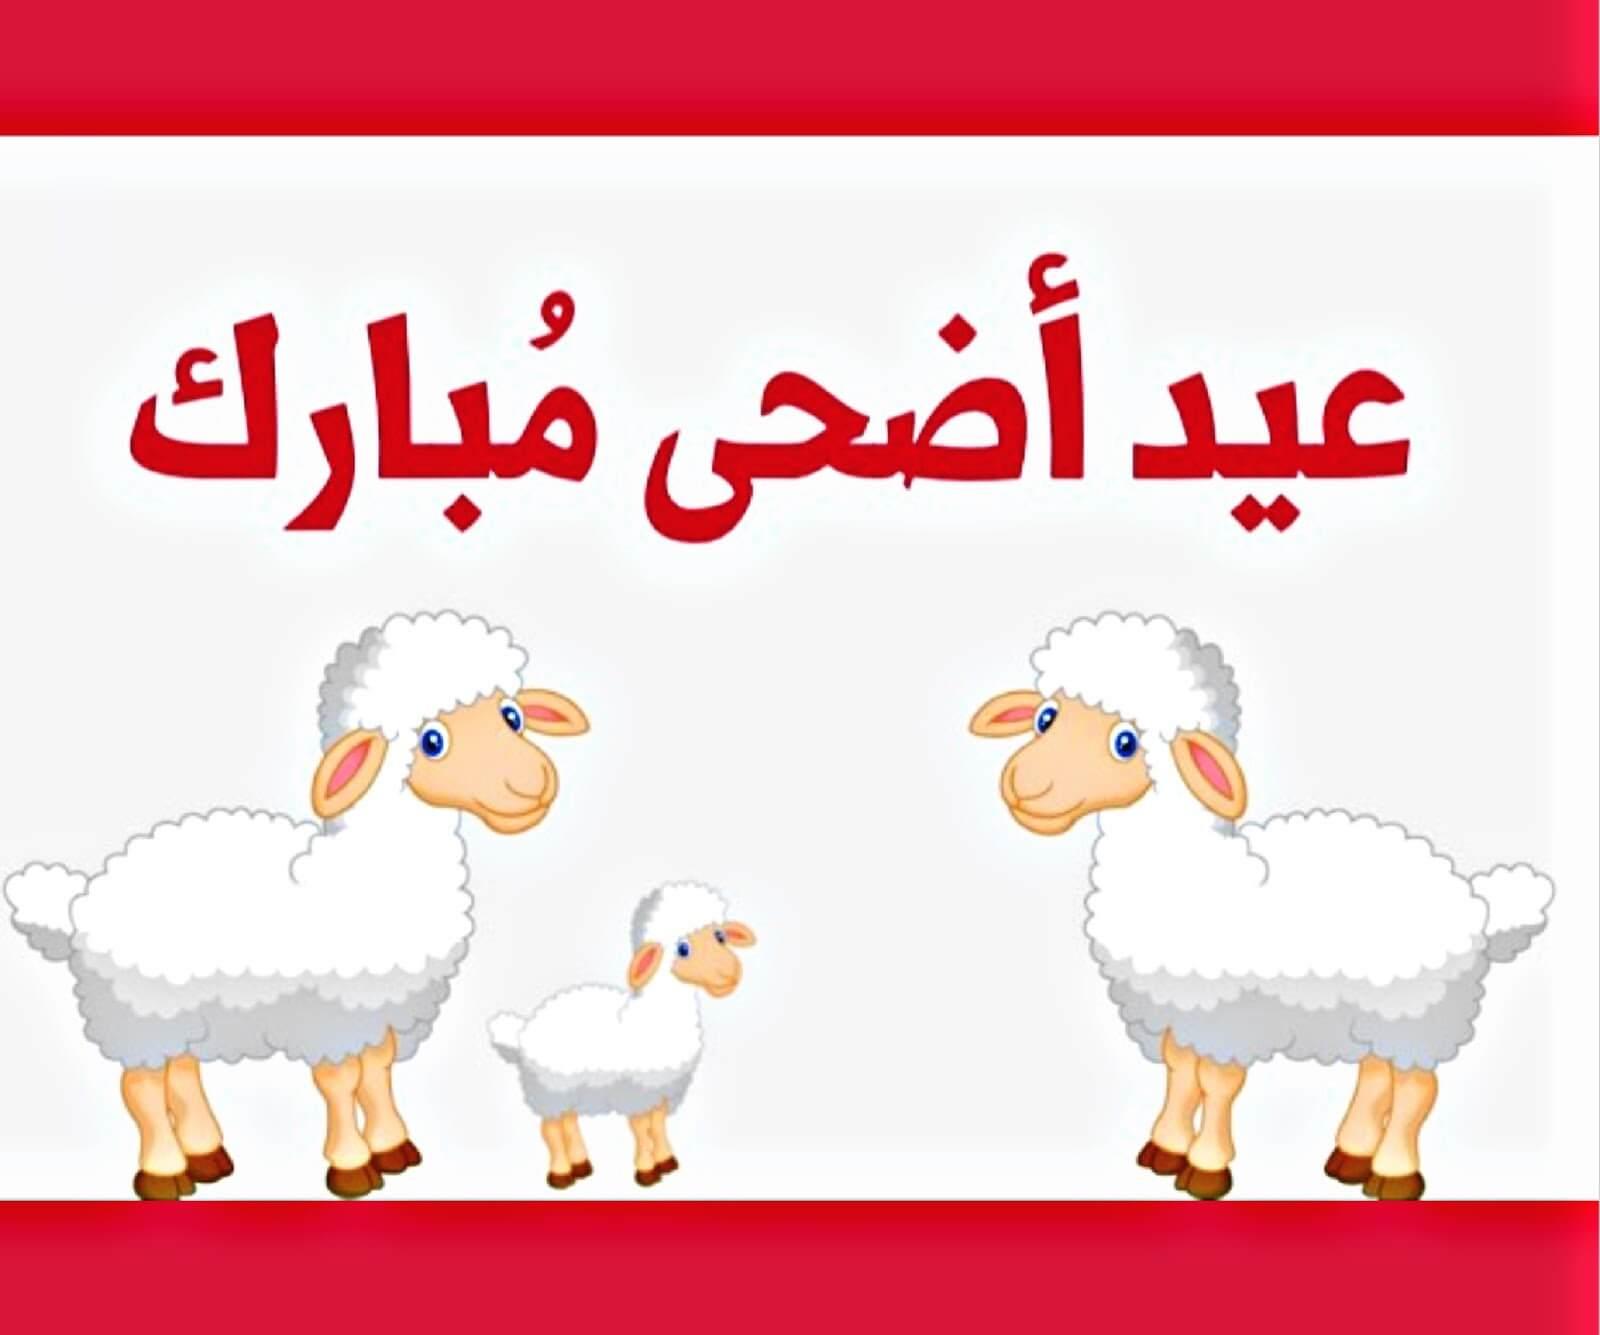 صورة رسائل تهنئة عيد الاضحى , رسائل العيد تفرح اهلينا unnamed file 82